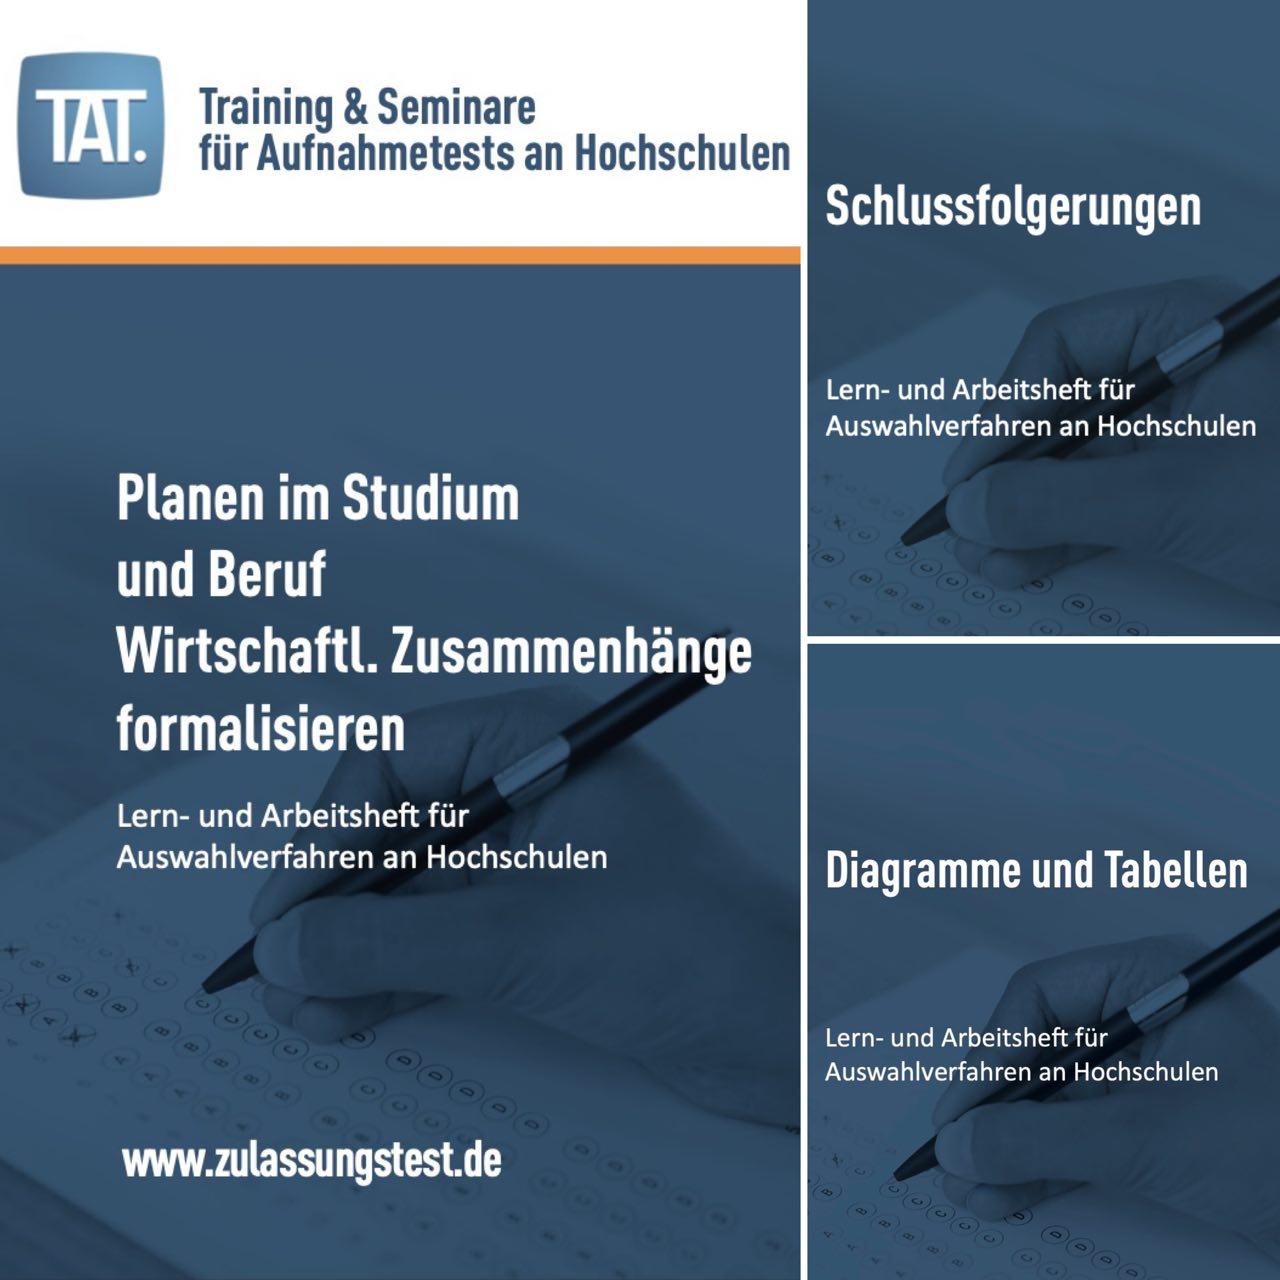 TM-WISO Vorbereitung: Lern- & Arbeitshefte von TAT.